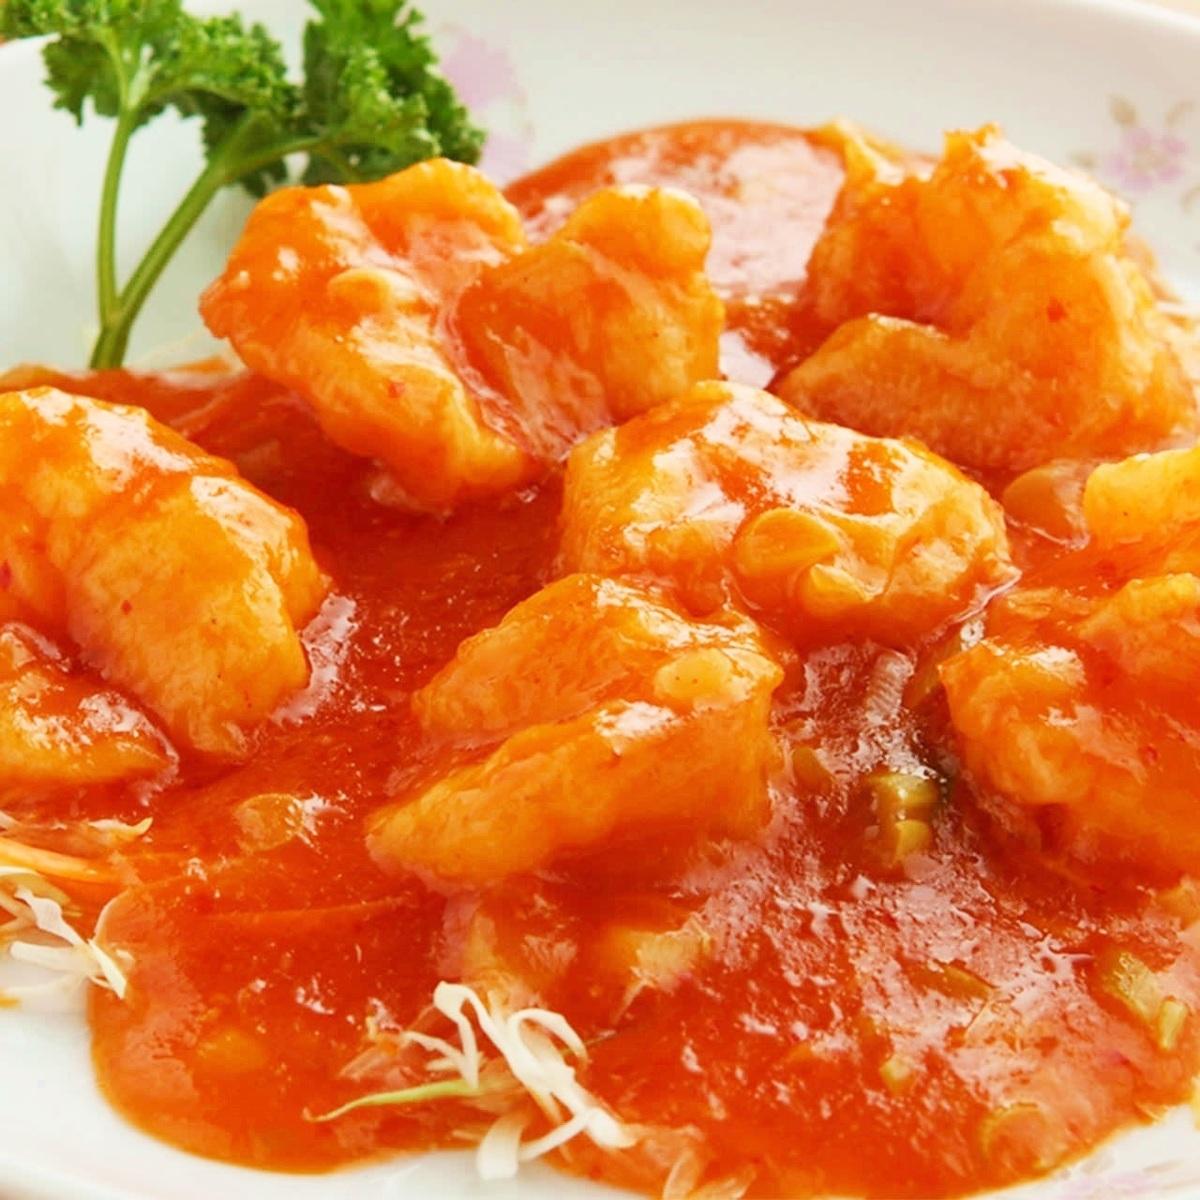 蝦辣椒醬/蝦用蛋黃醬